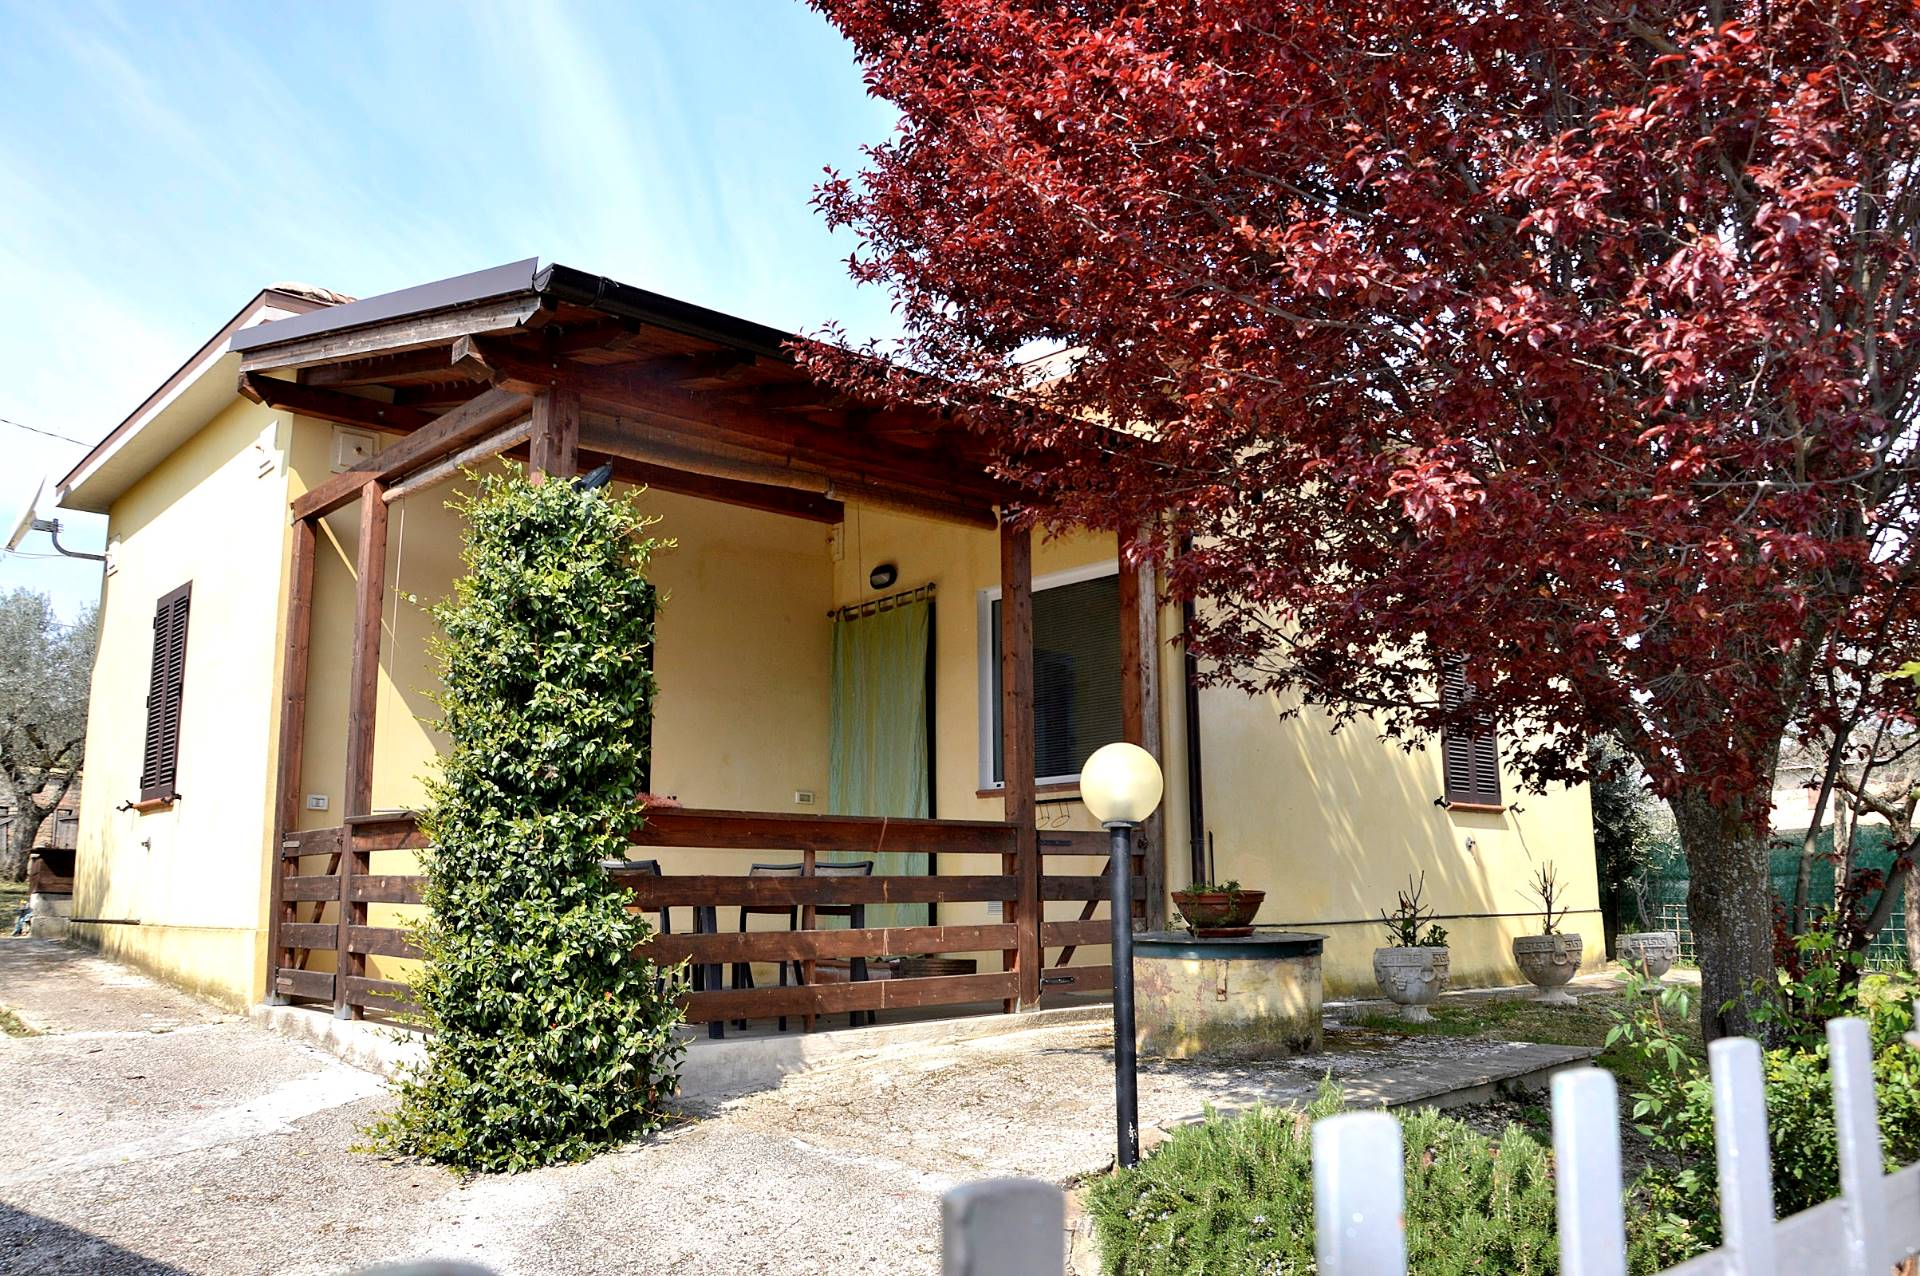 Villa in vendita a Montefalco, 3 locali, prezzo € 95.000 | Cambio Casa.it